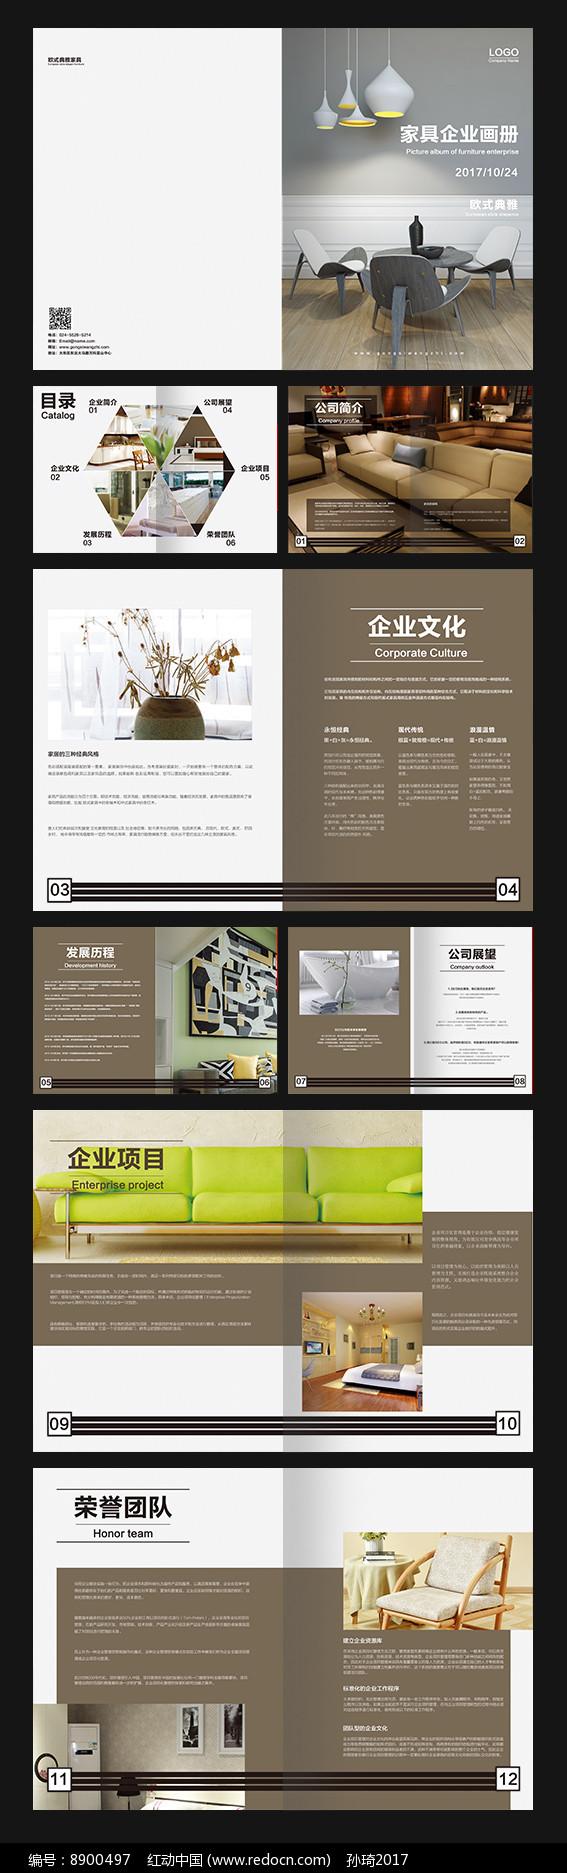 简约家具企业画册图片